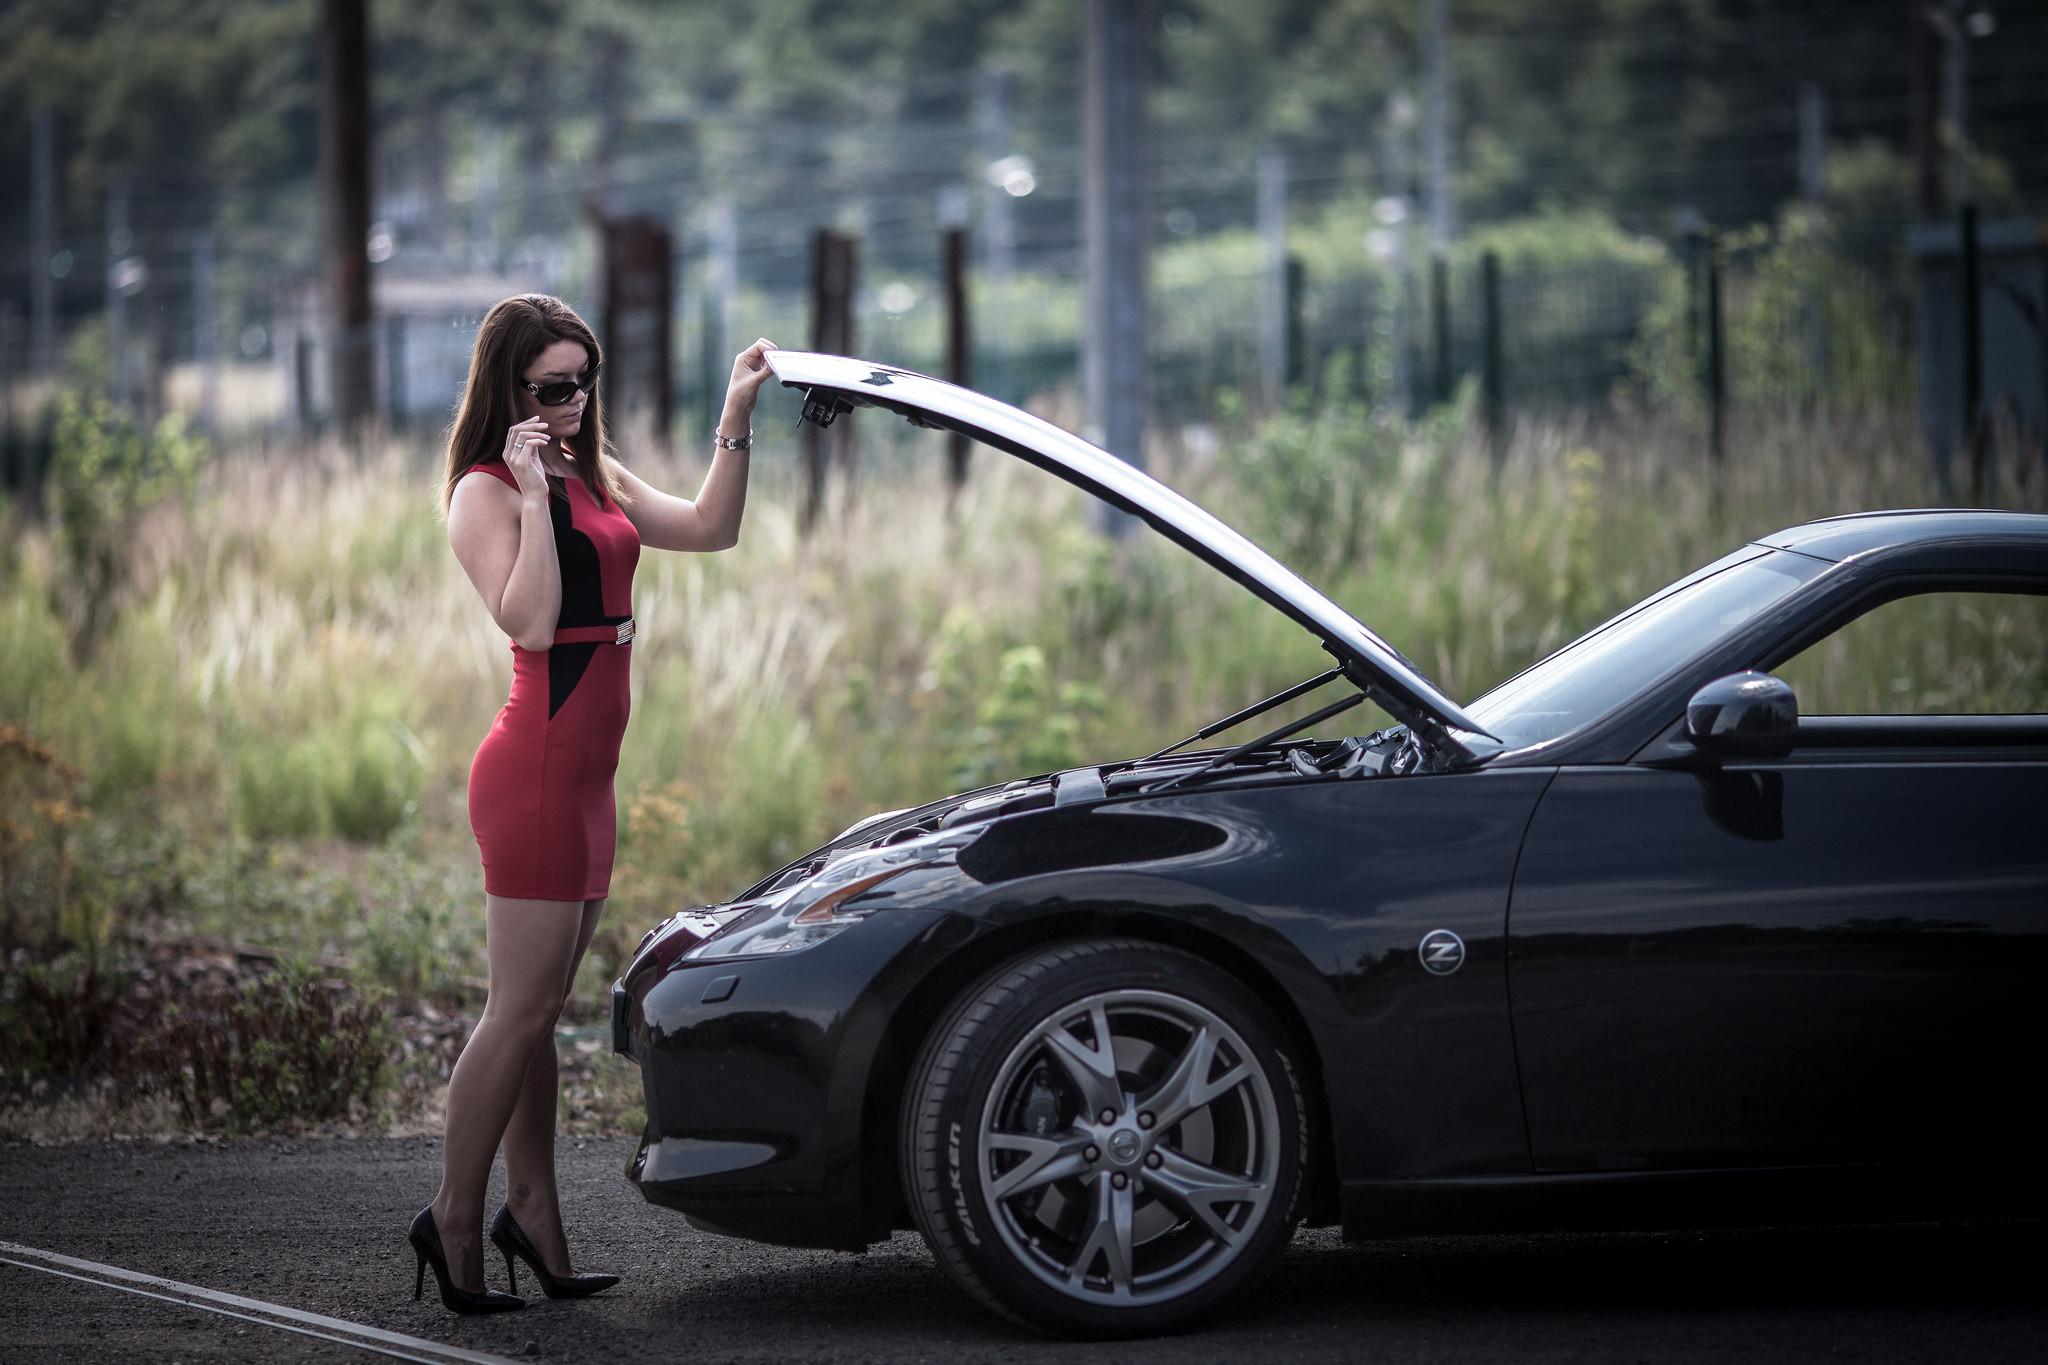 Девушка в мини под капотлм машины фото — 2